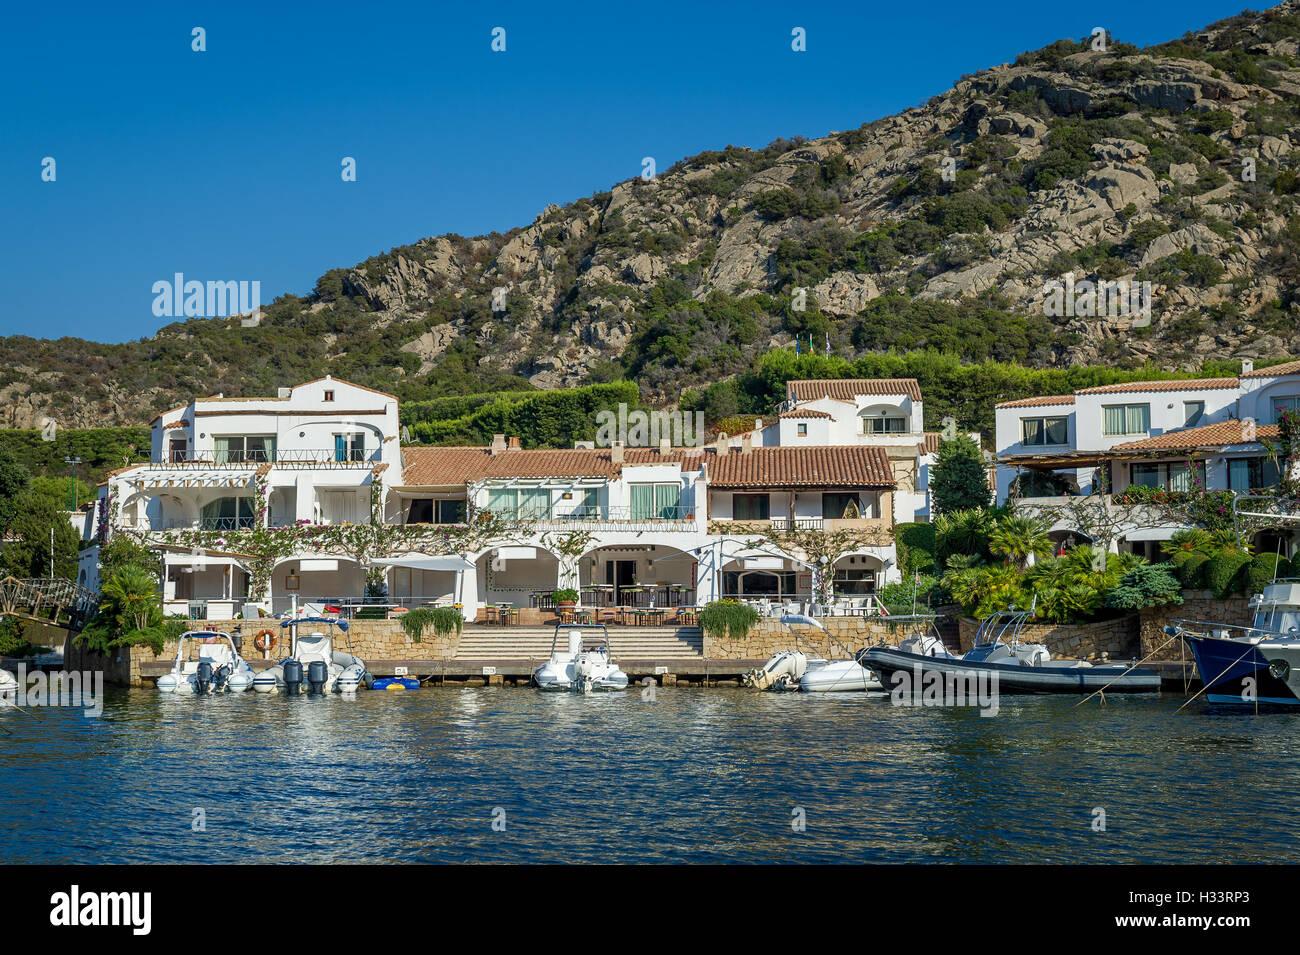 Poltu Quatu Luxus Resort Treppenaufgang Pier, Sardinien Stockbild